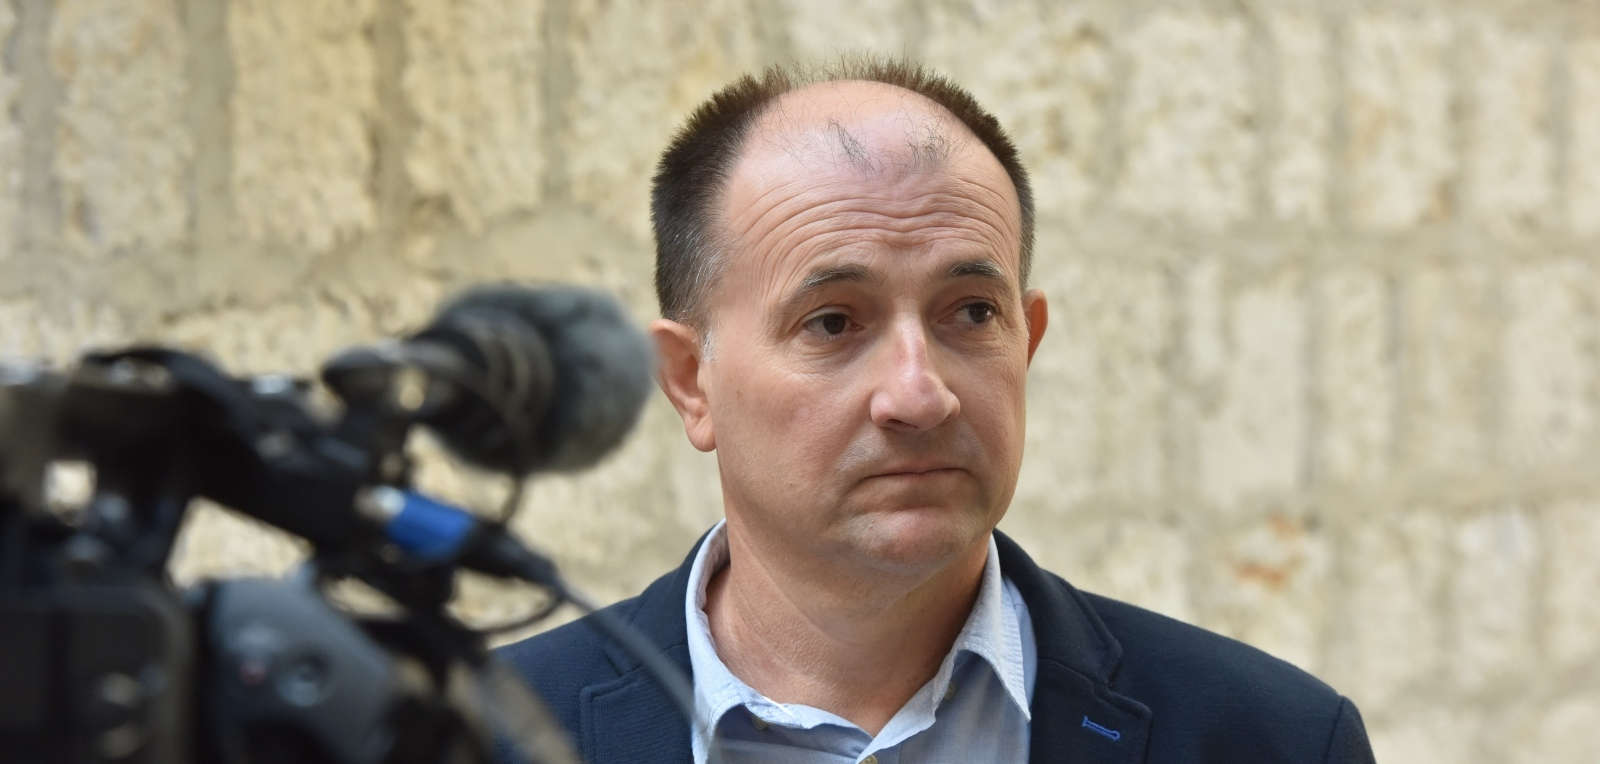 Gradski vijećnik Ivo Glavaš komentira prodaju HNK Šibenik